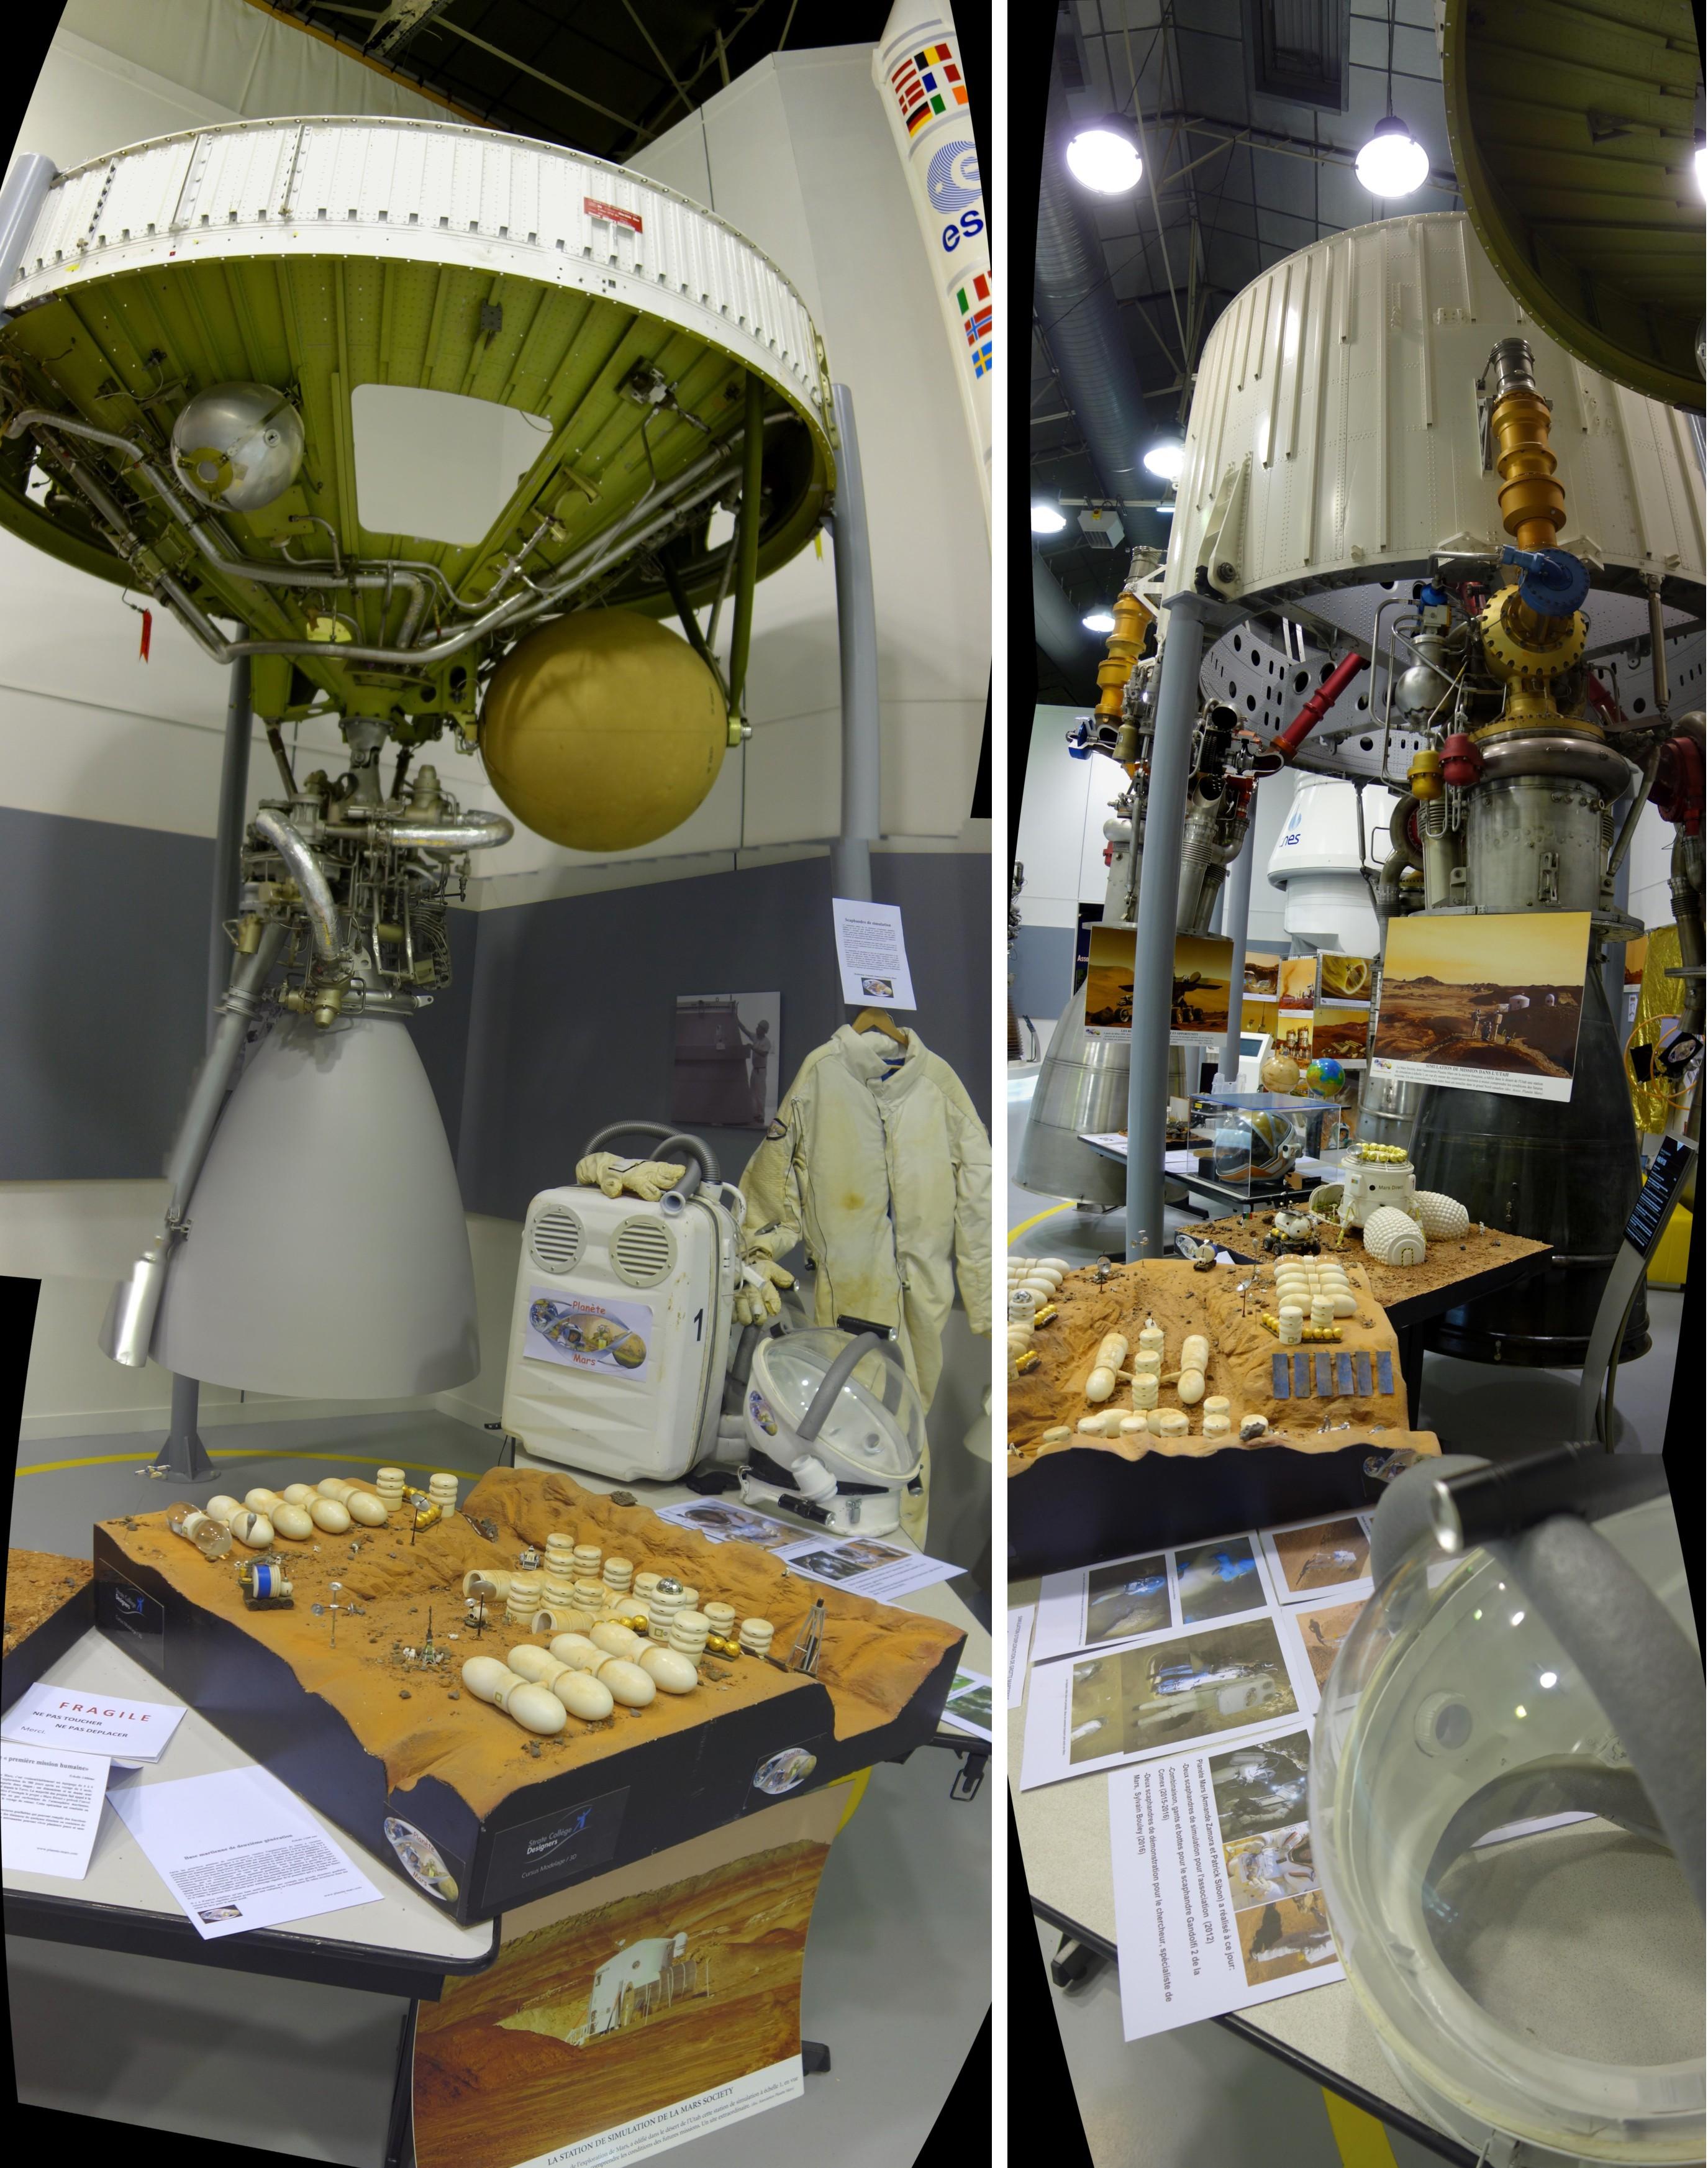 16-09-16-18h-42m-18s-expo-apm-musee-safran-journees-patrimoine_stitch-montage